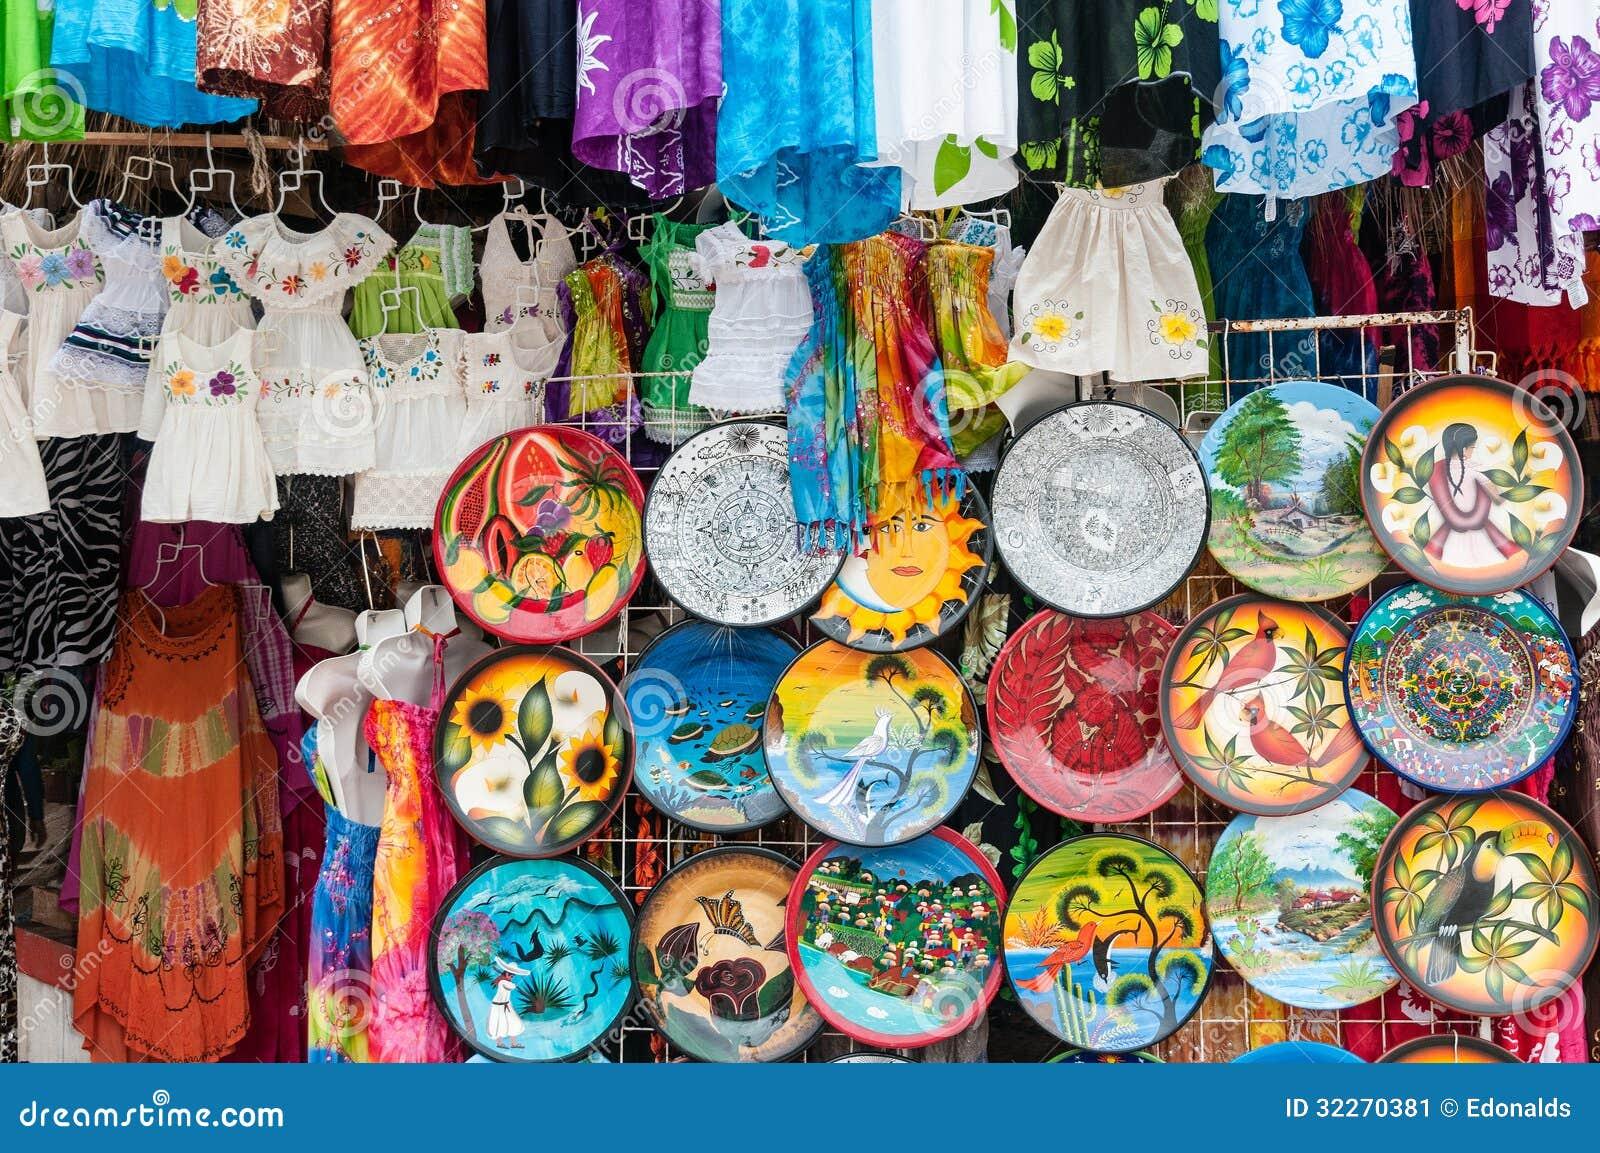 mexicaanse markt stock afbeelding afbeelding bestaande uit ontwerp 32270381. Black Bedroom Furniture Sets. Home Design Ideas